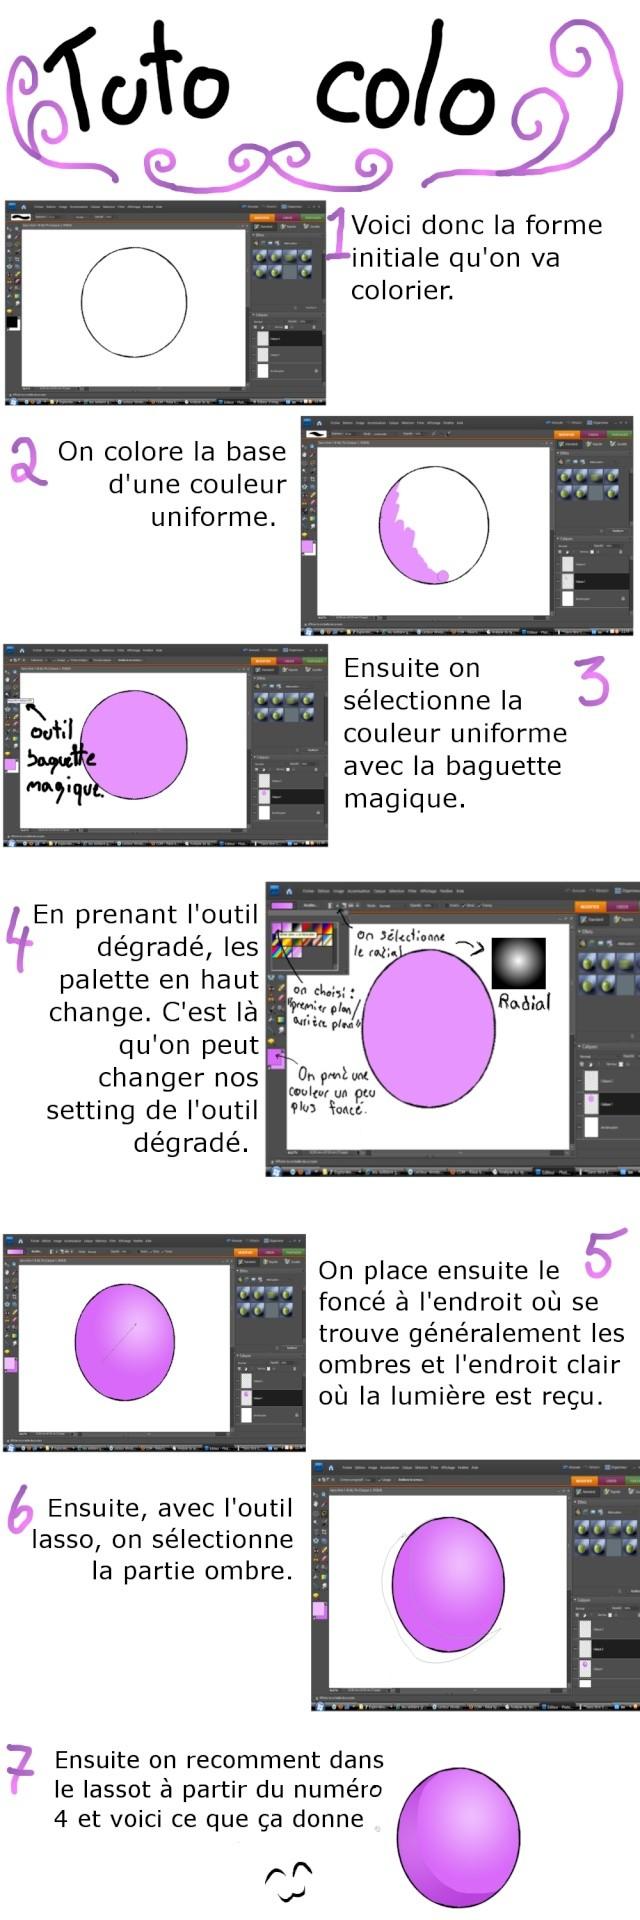 Colorisation en dégradé Colo_e11